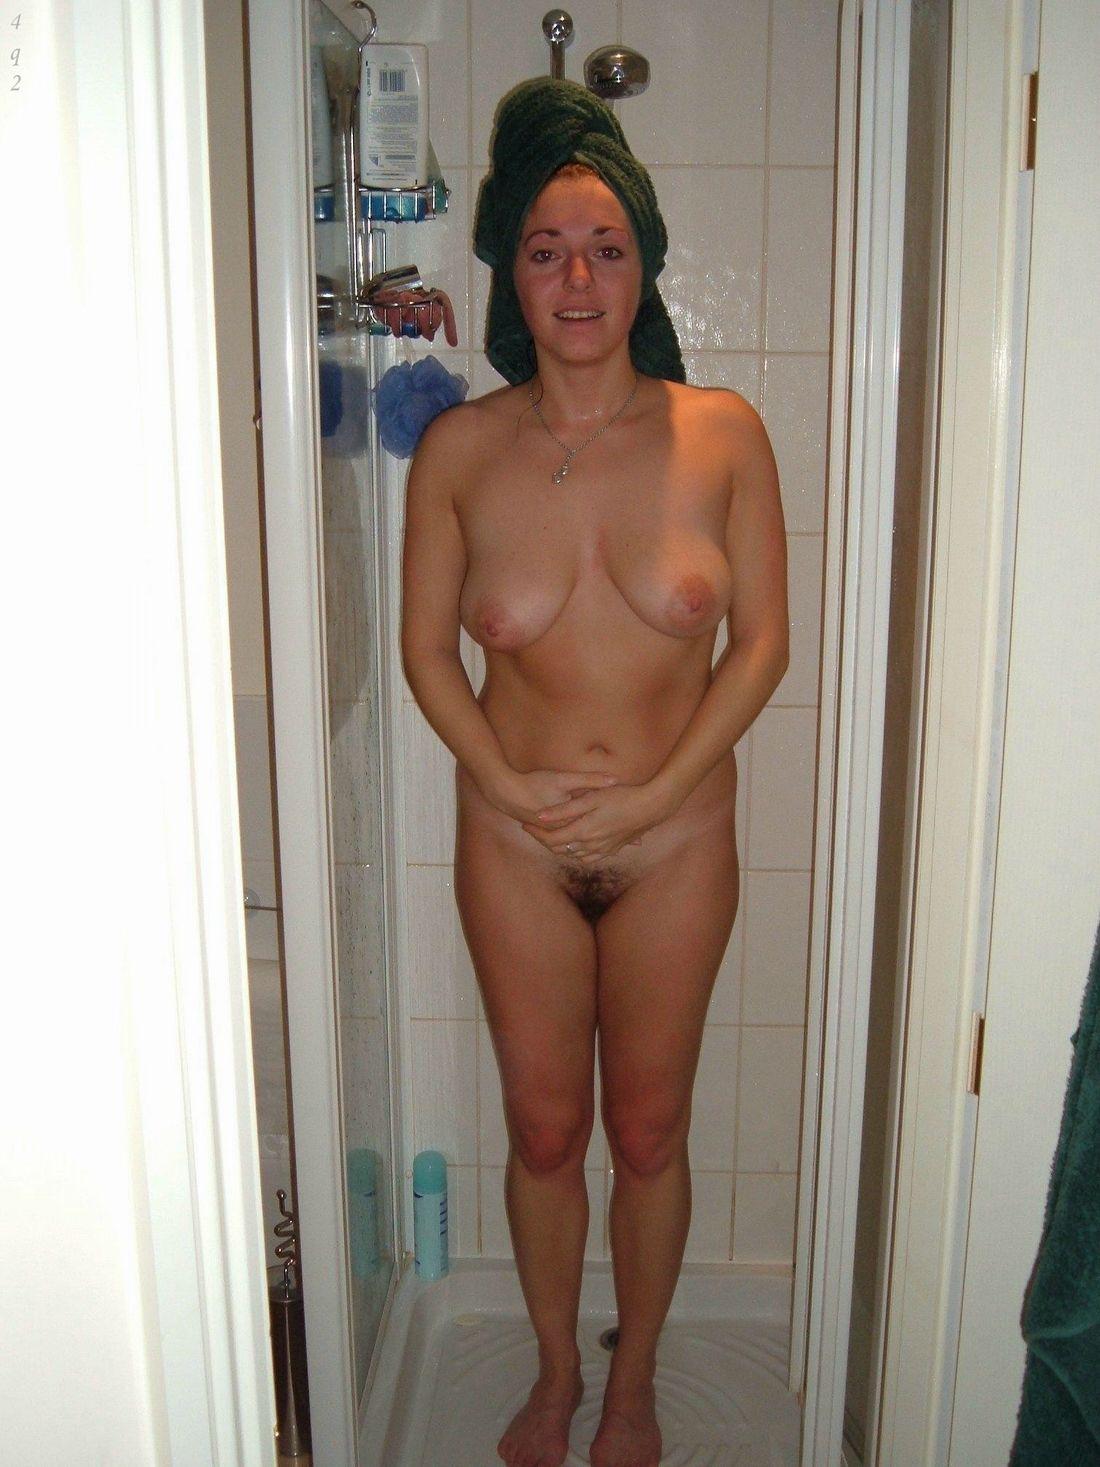 Milf after a shower Porn Photo - EPORNER